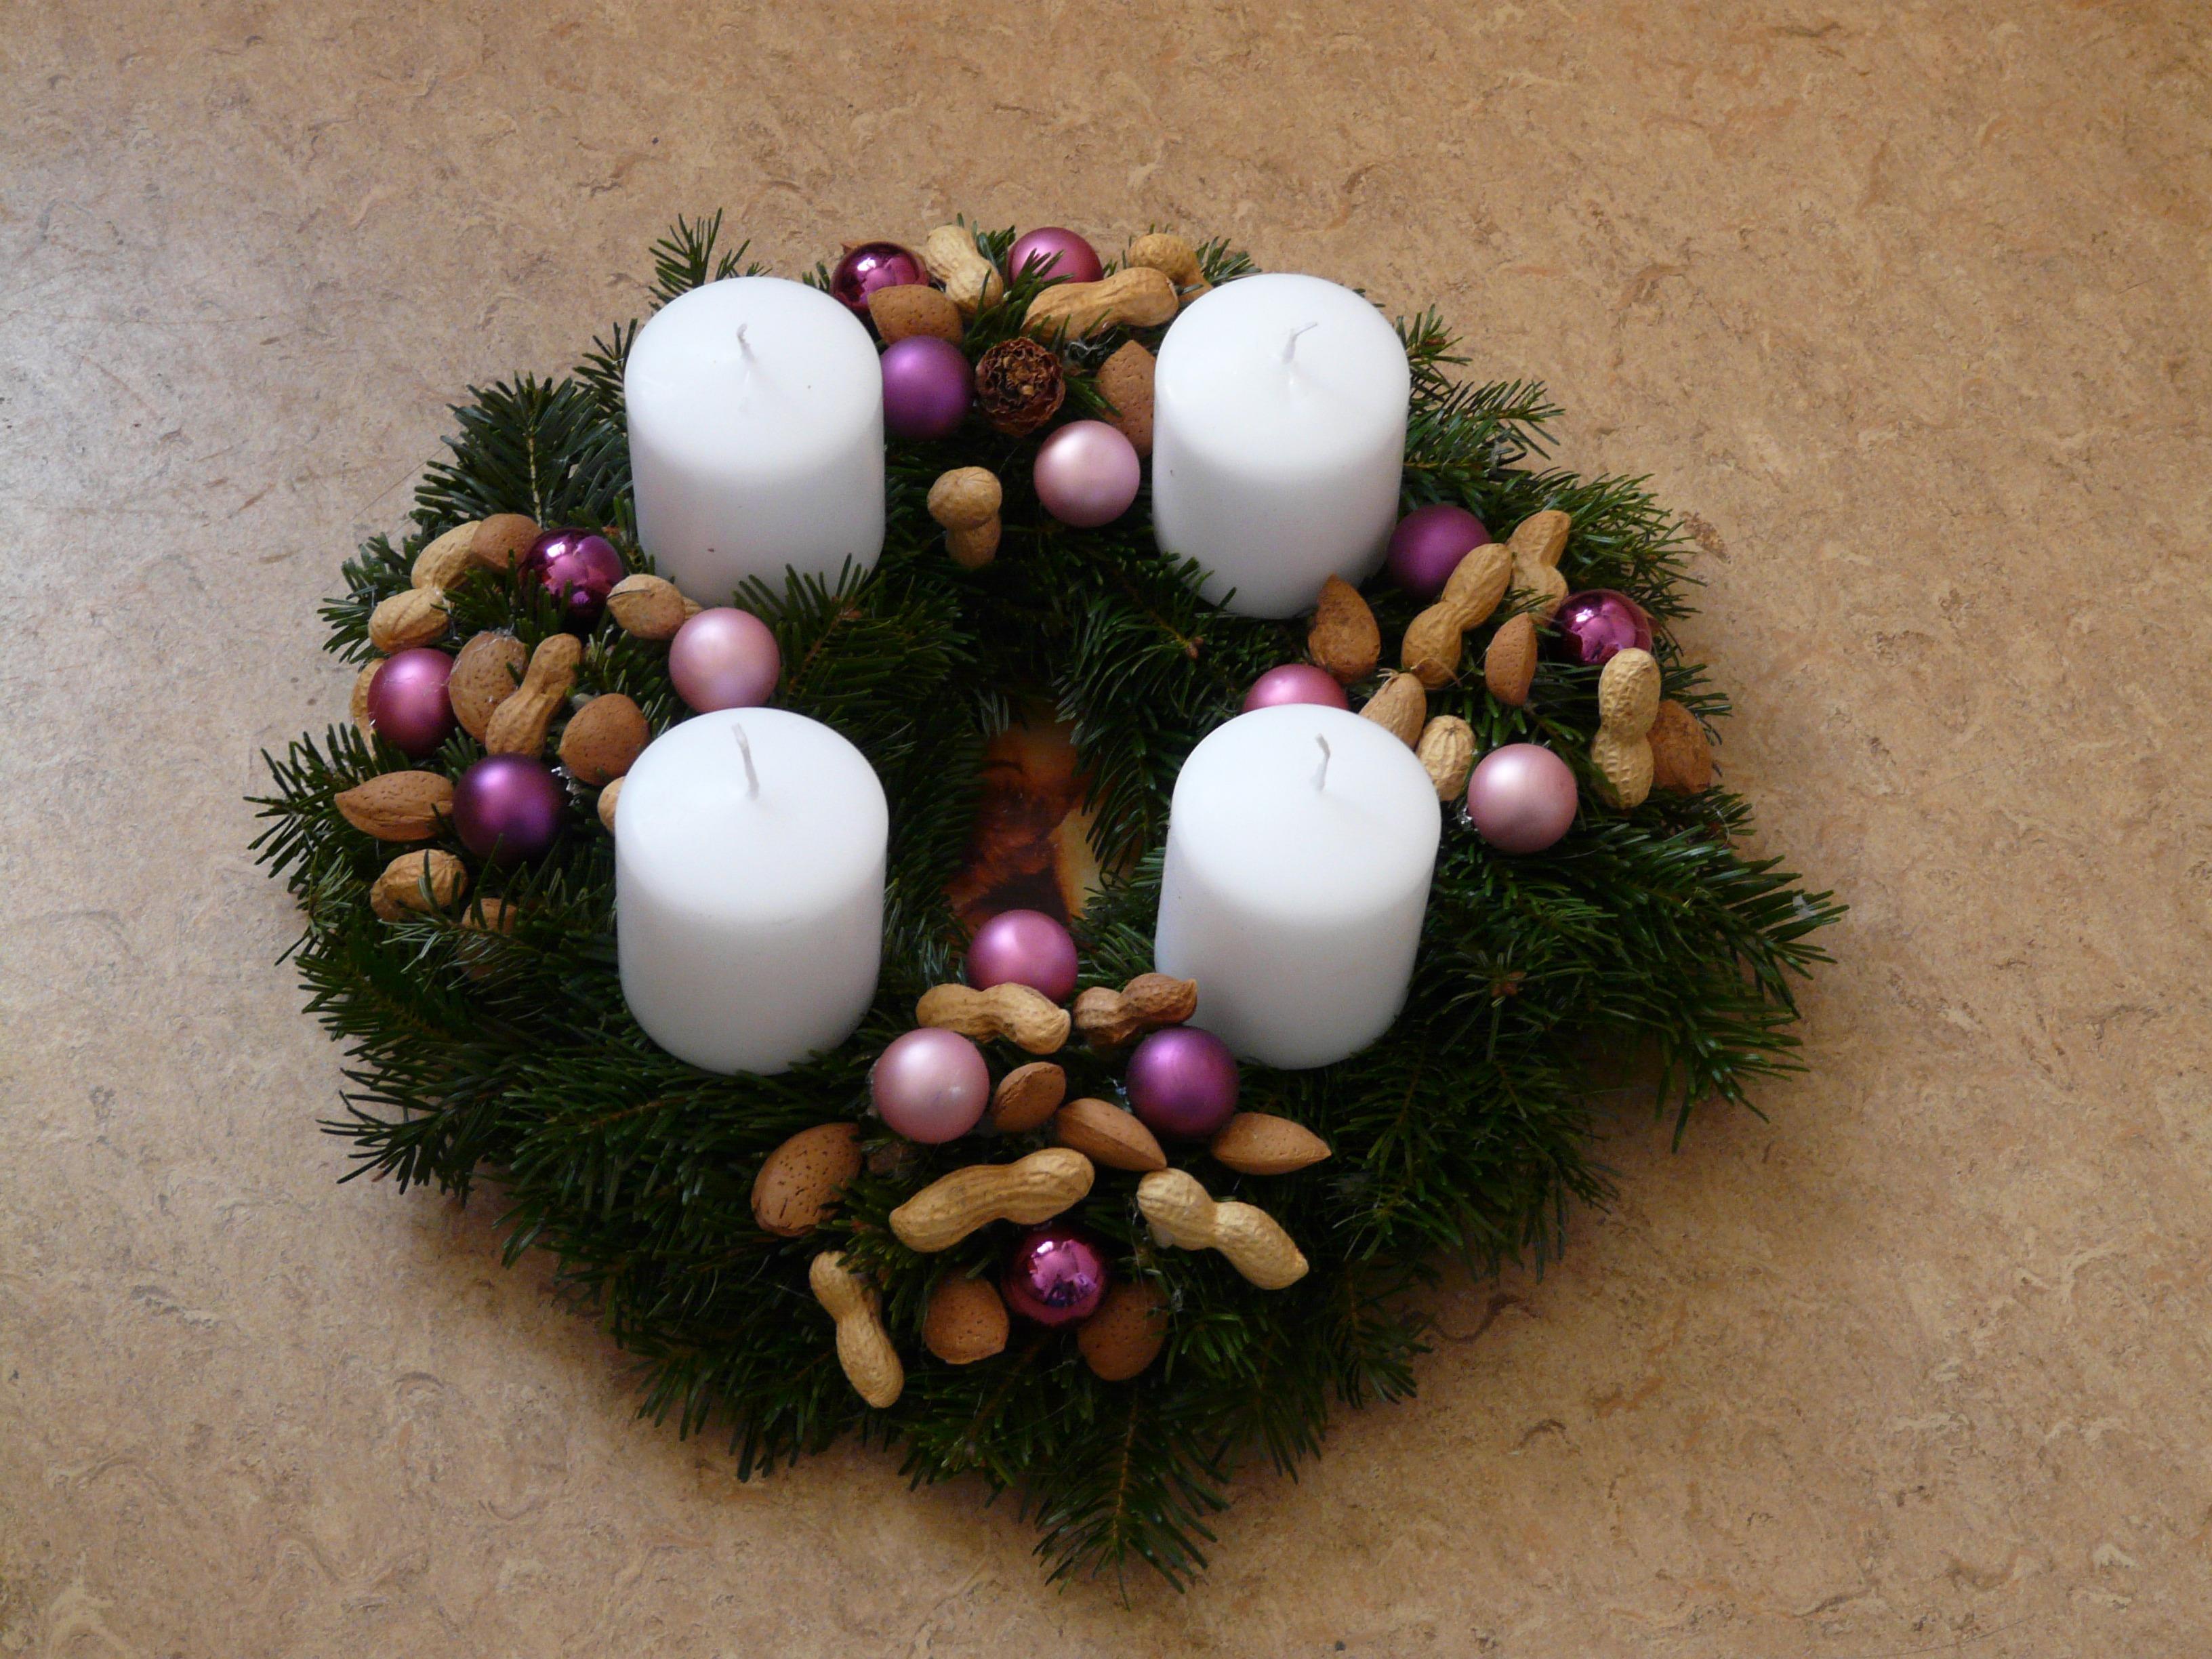 Adventskranz Bilder Kostenlos kostenlose foto blume dekoration lebensmittel weihnachten